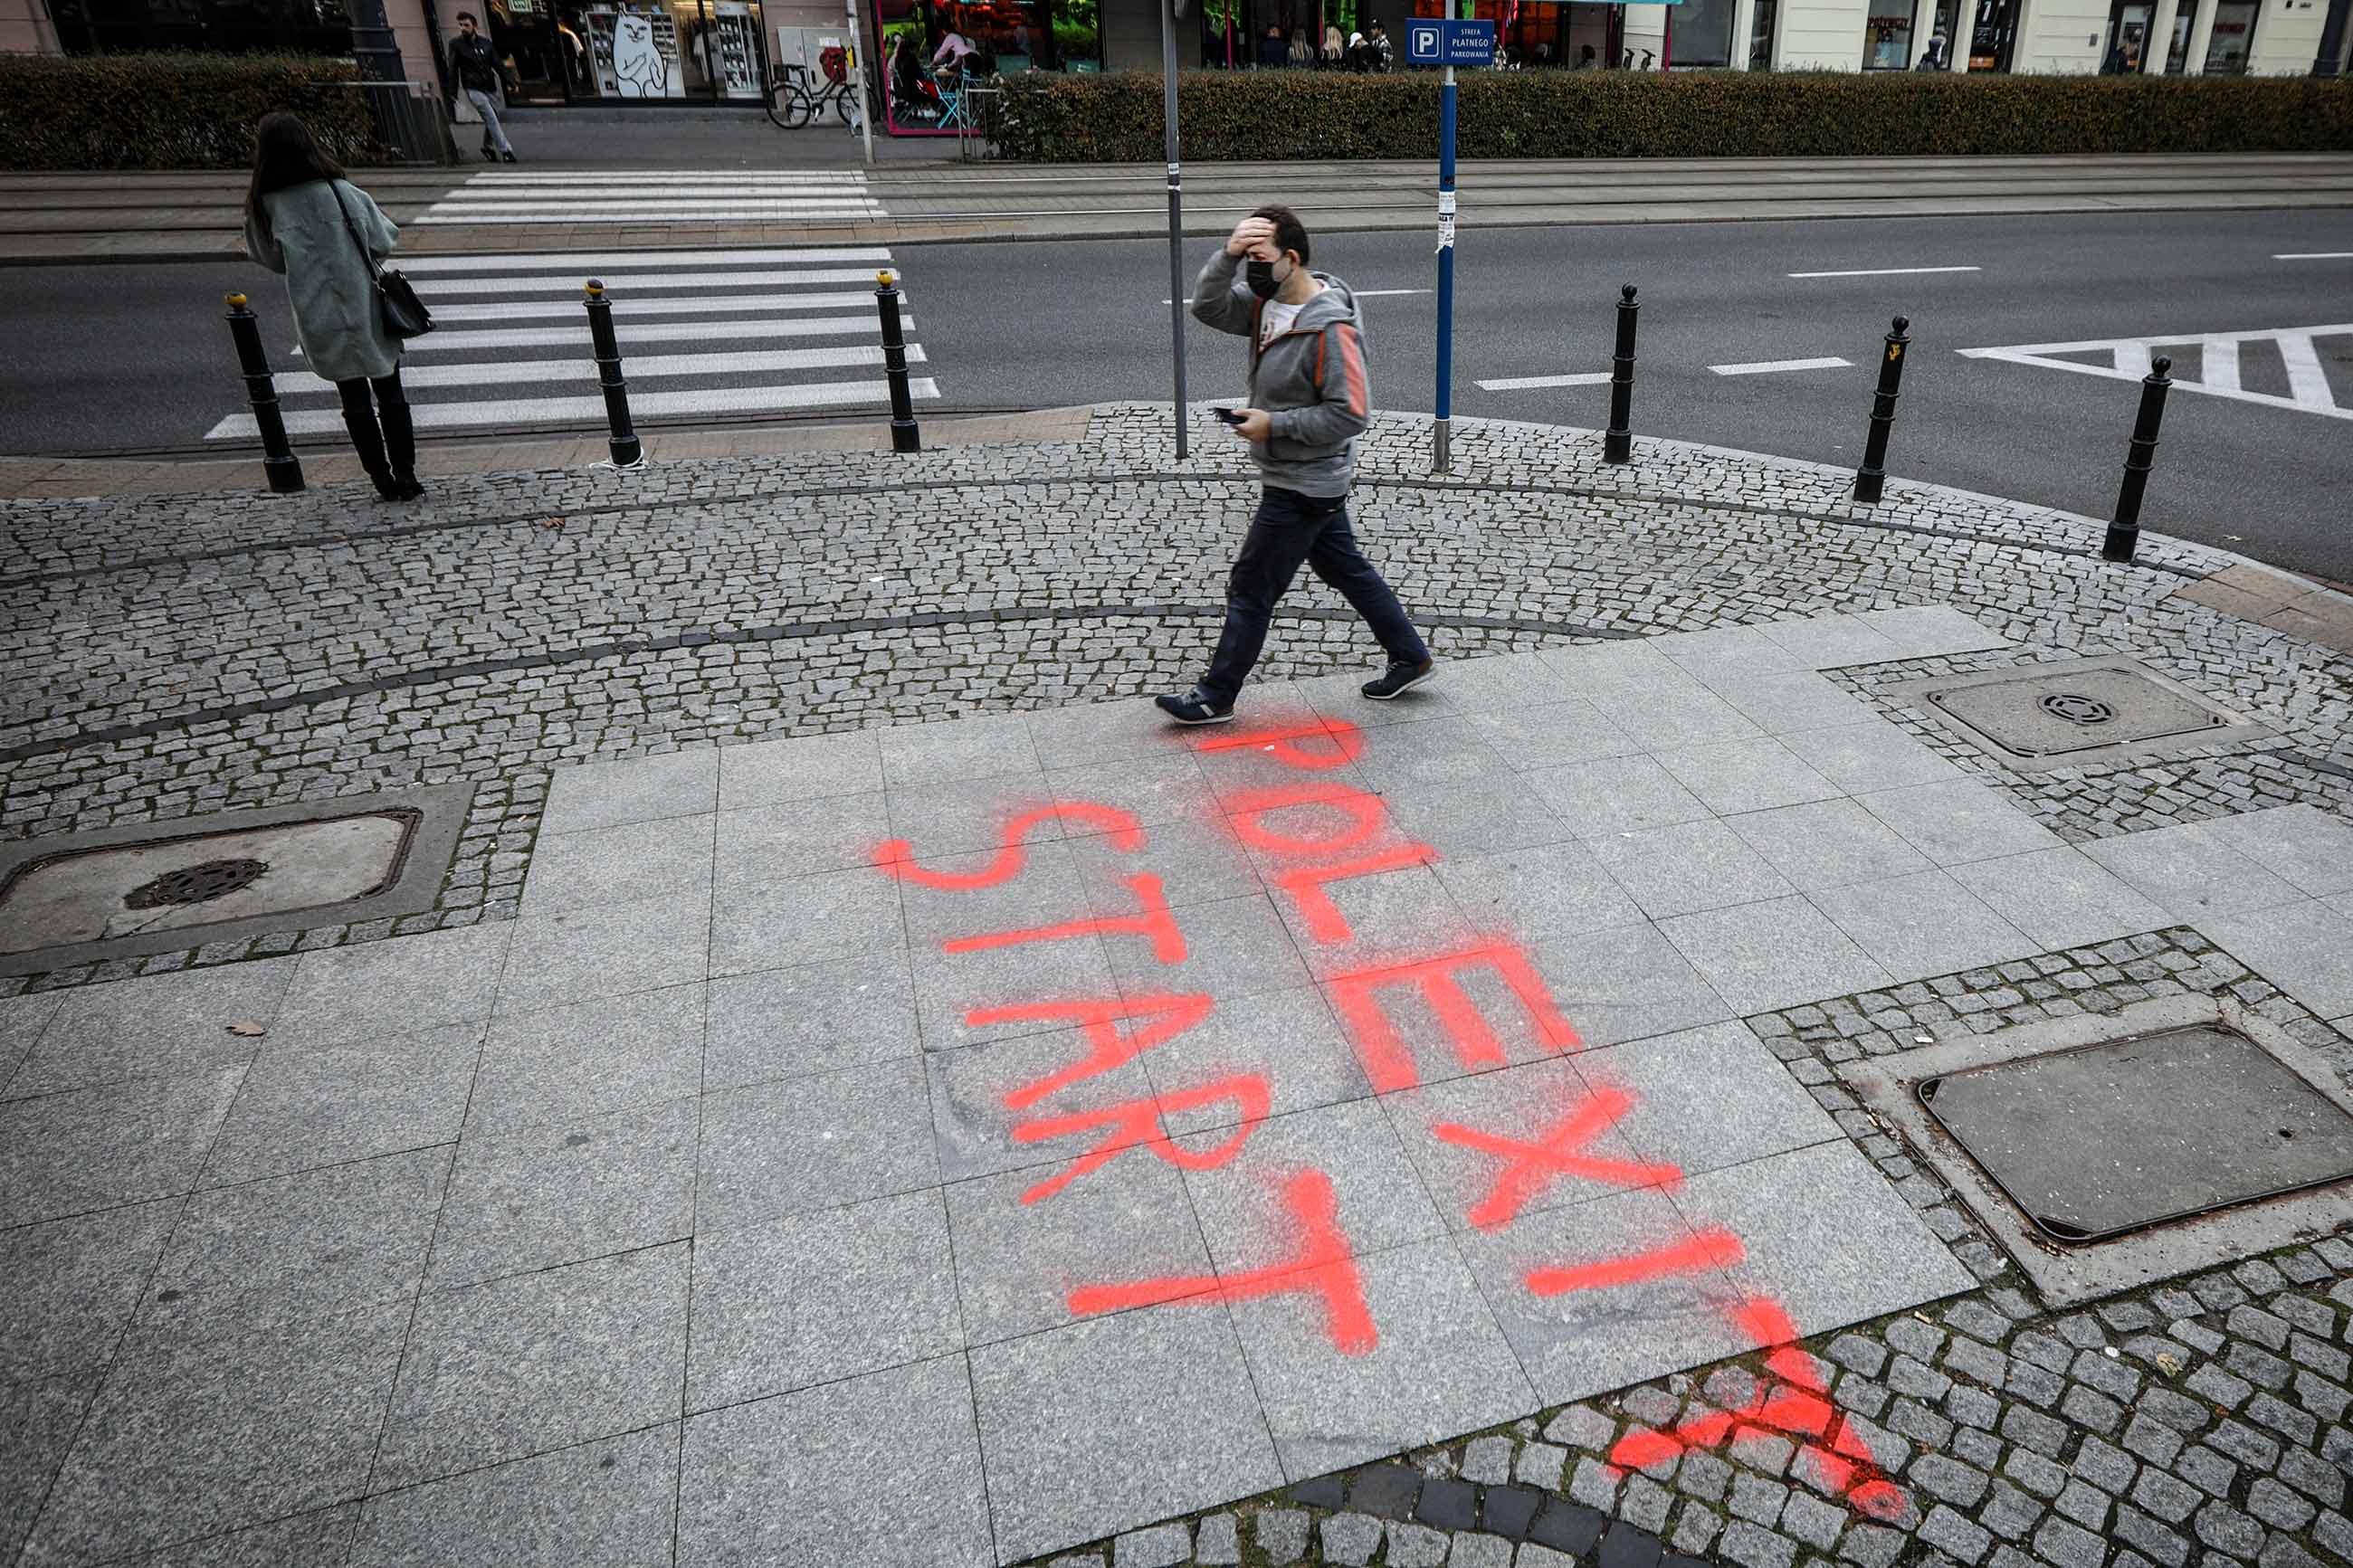 gettyimages 1235802143 - <b>Поляки протестуют против выхода из ЕС.</b> Журналистка Забороны в Польше объясняет, что происходит - Заборона